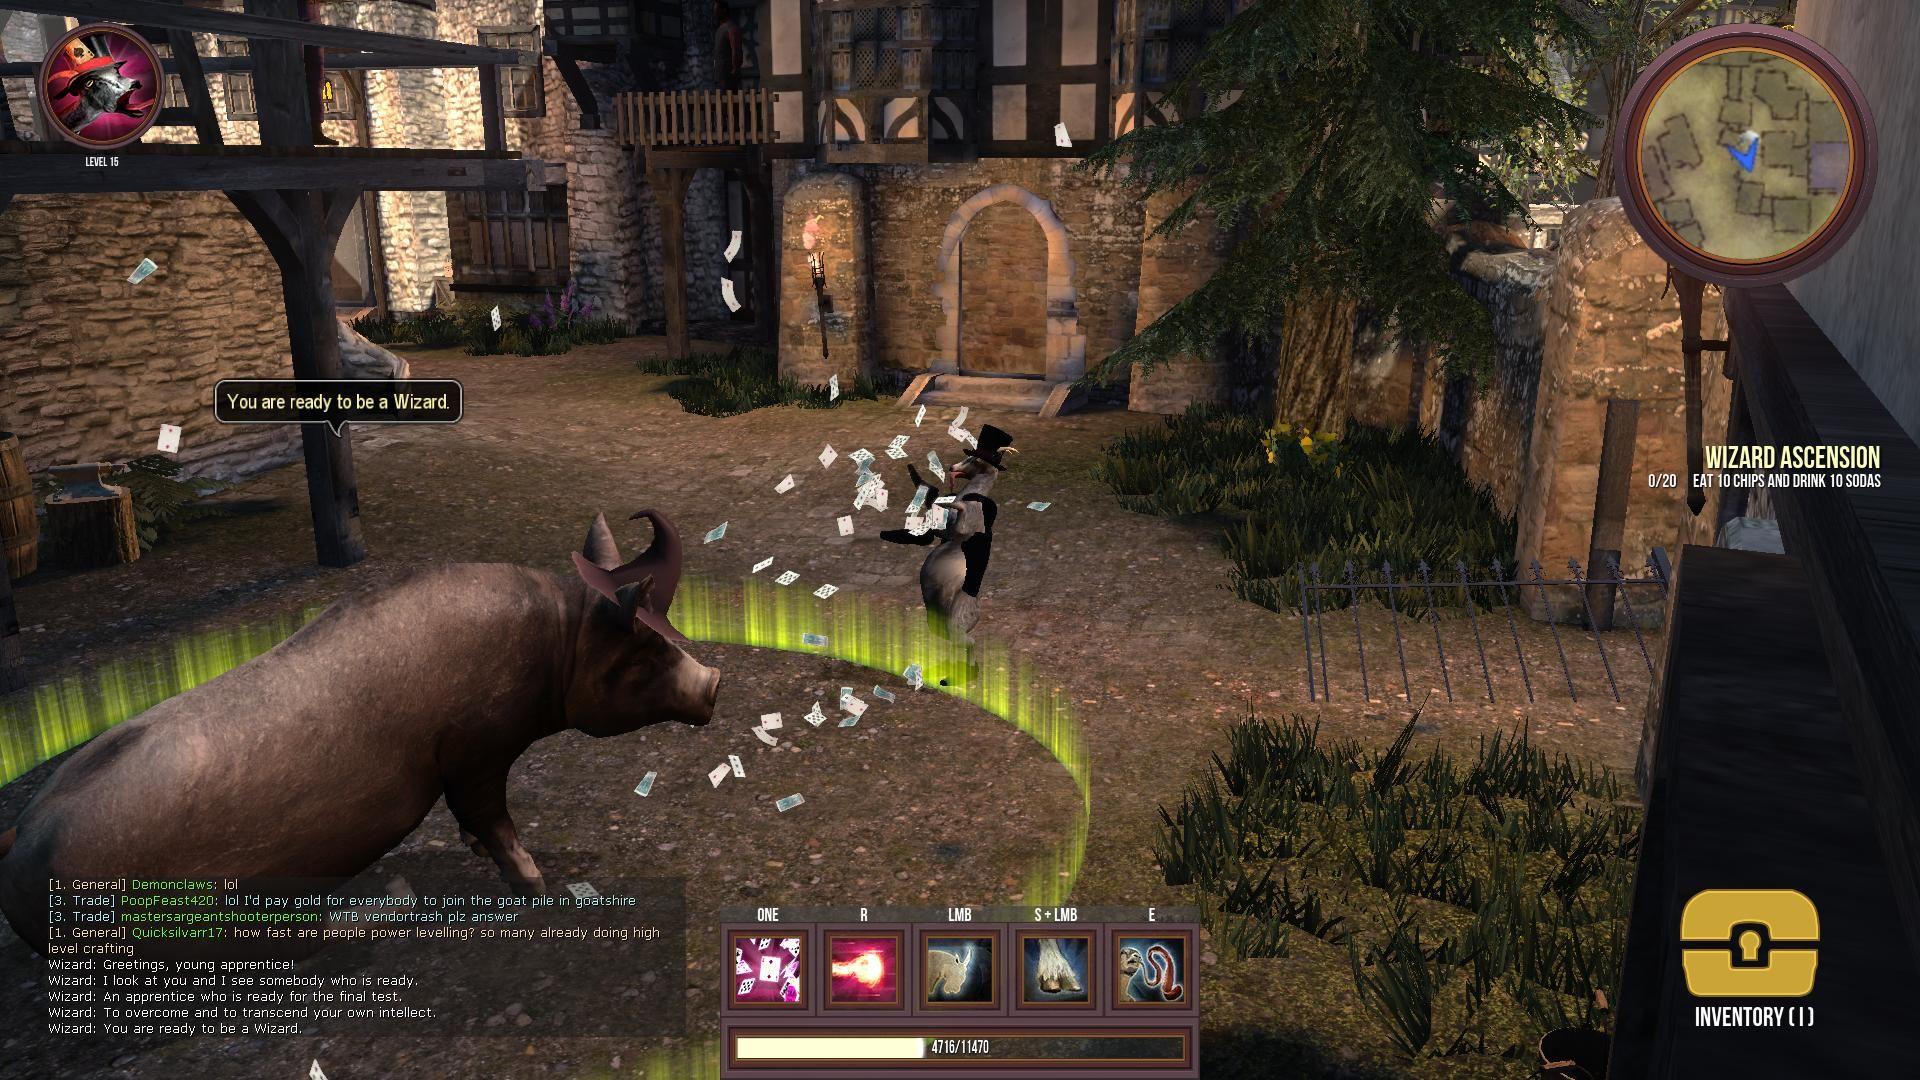 download goat simulator mmo apk+obb